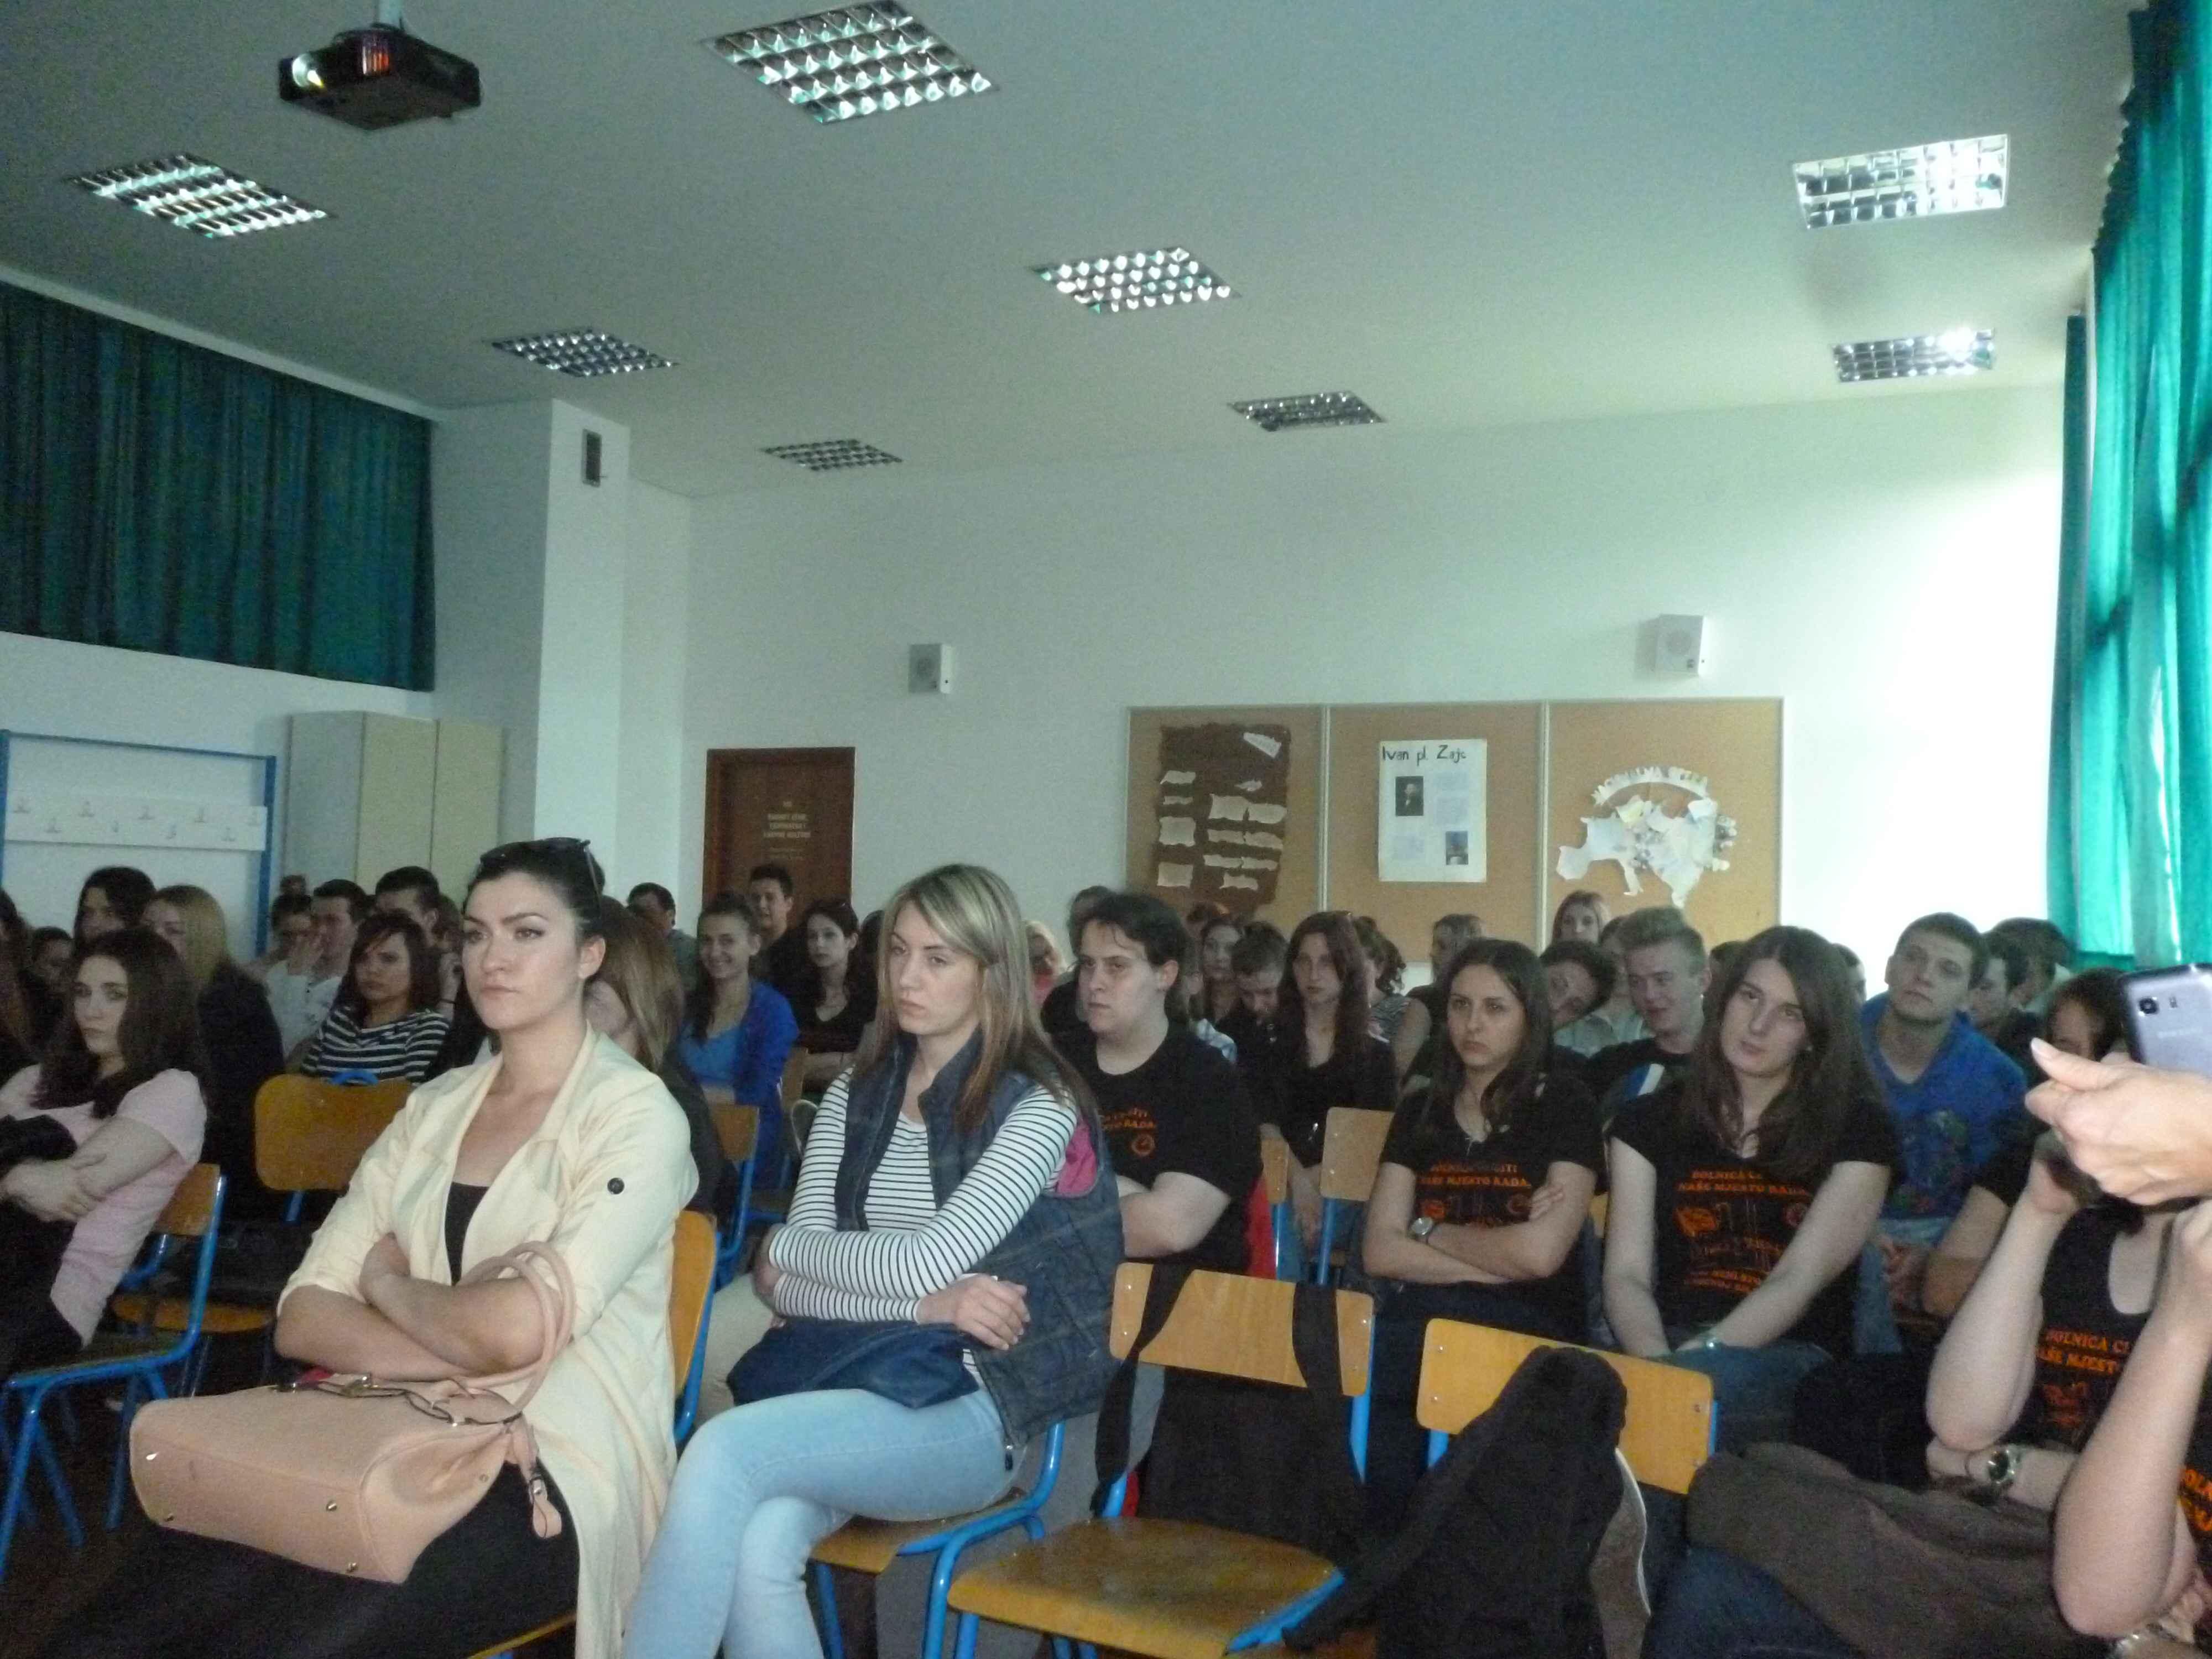 Web stranica za upoznavanje Trogir Hrvatska